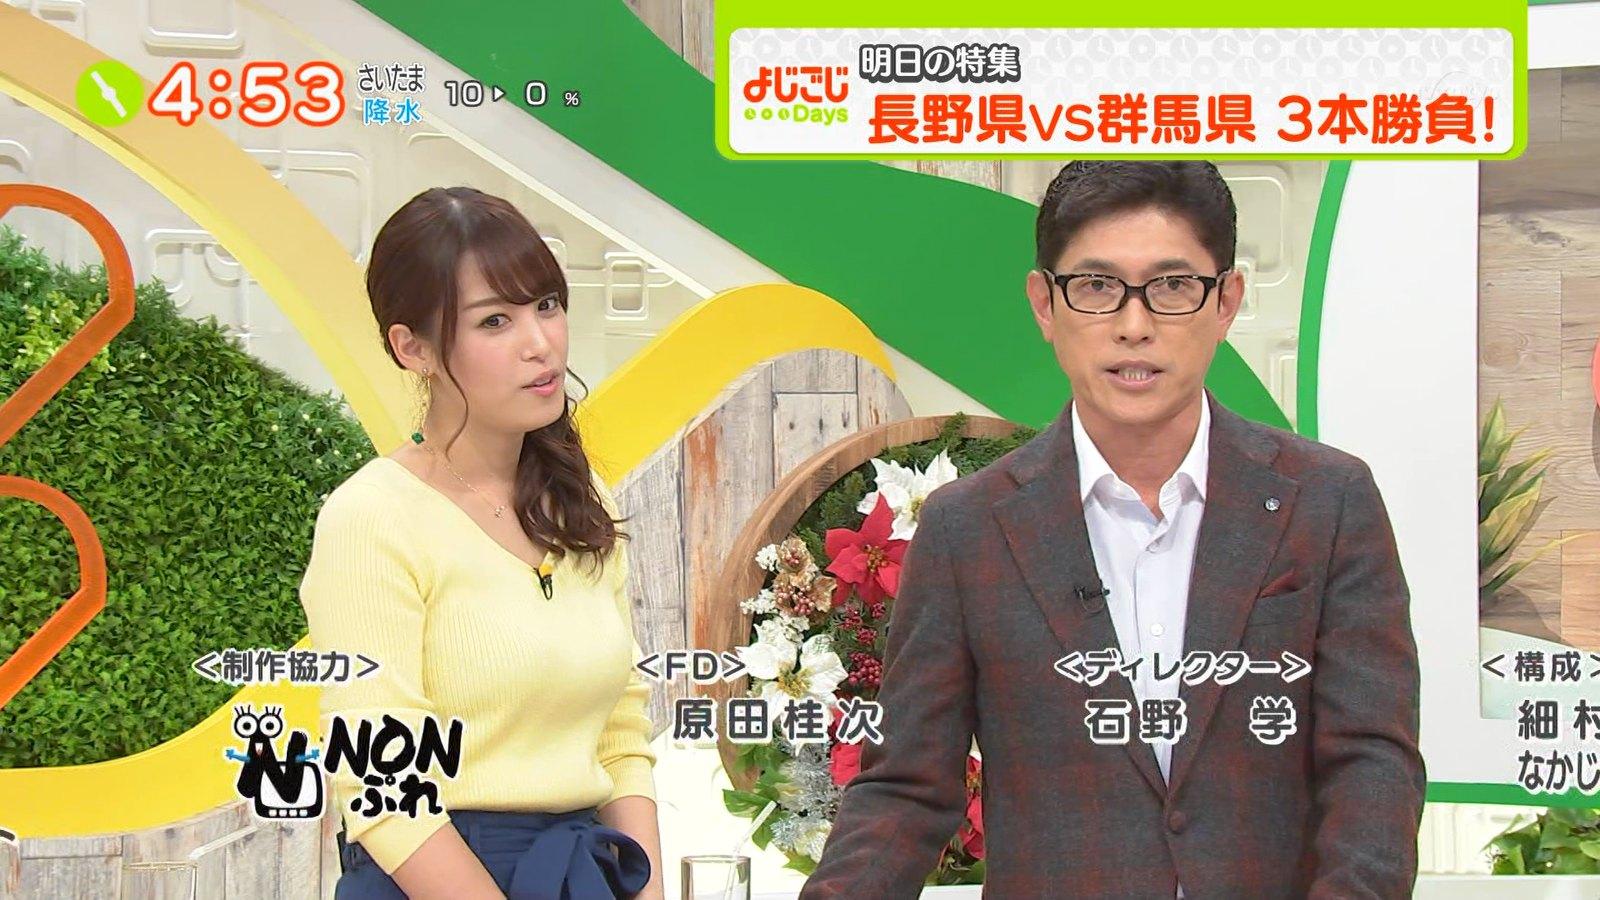 20181206テレビ東京「よじごじdays」・鷲見玲奈さんのテレビキャプチャー画像-045